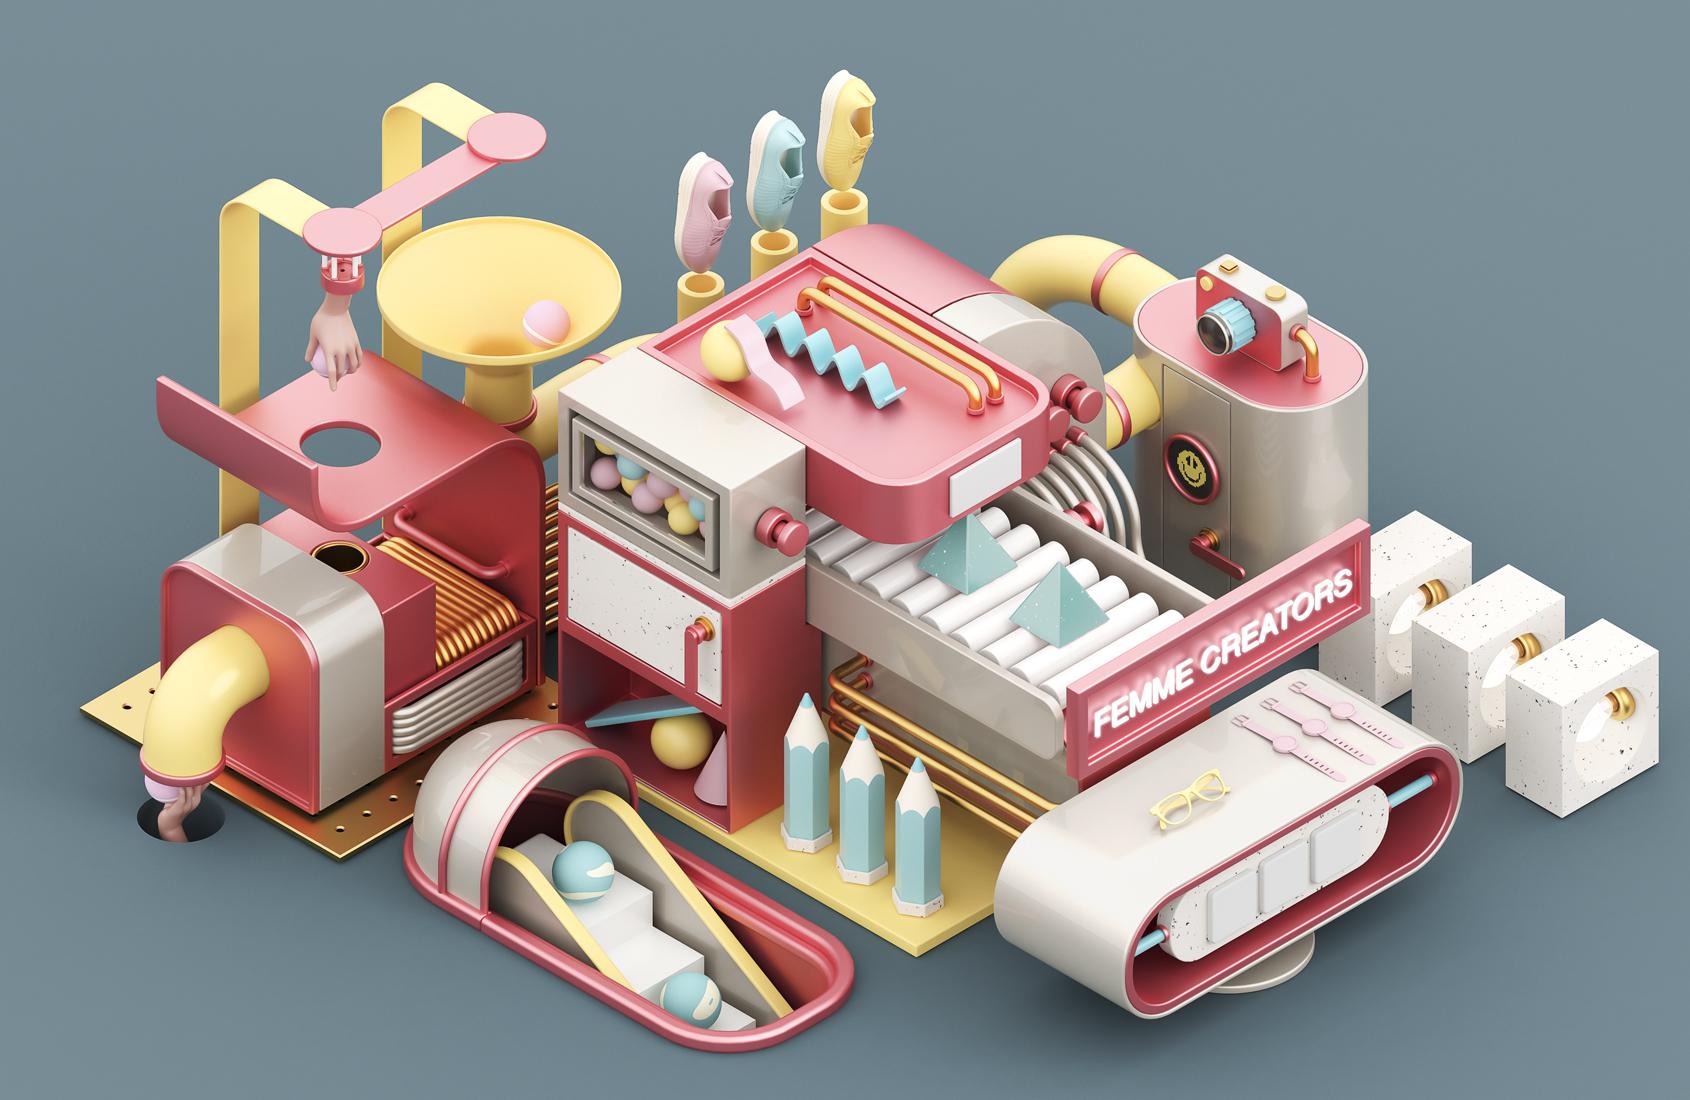 femme_creators_mercado_de_diseño_design_diseño_jorge_gago_cgi_3d